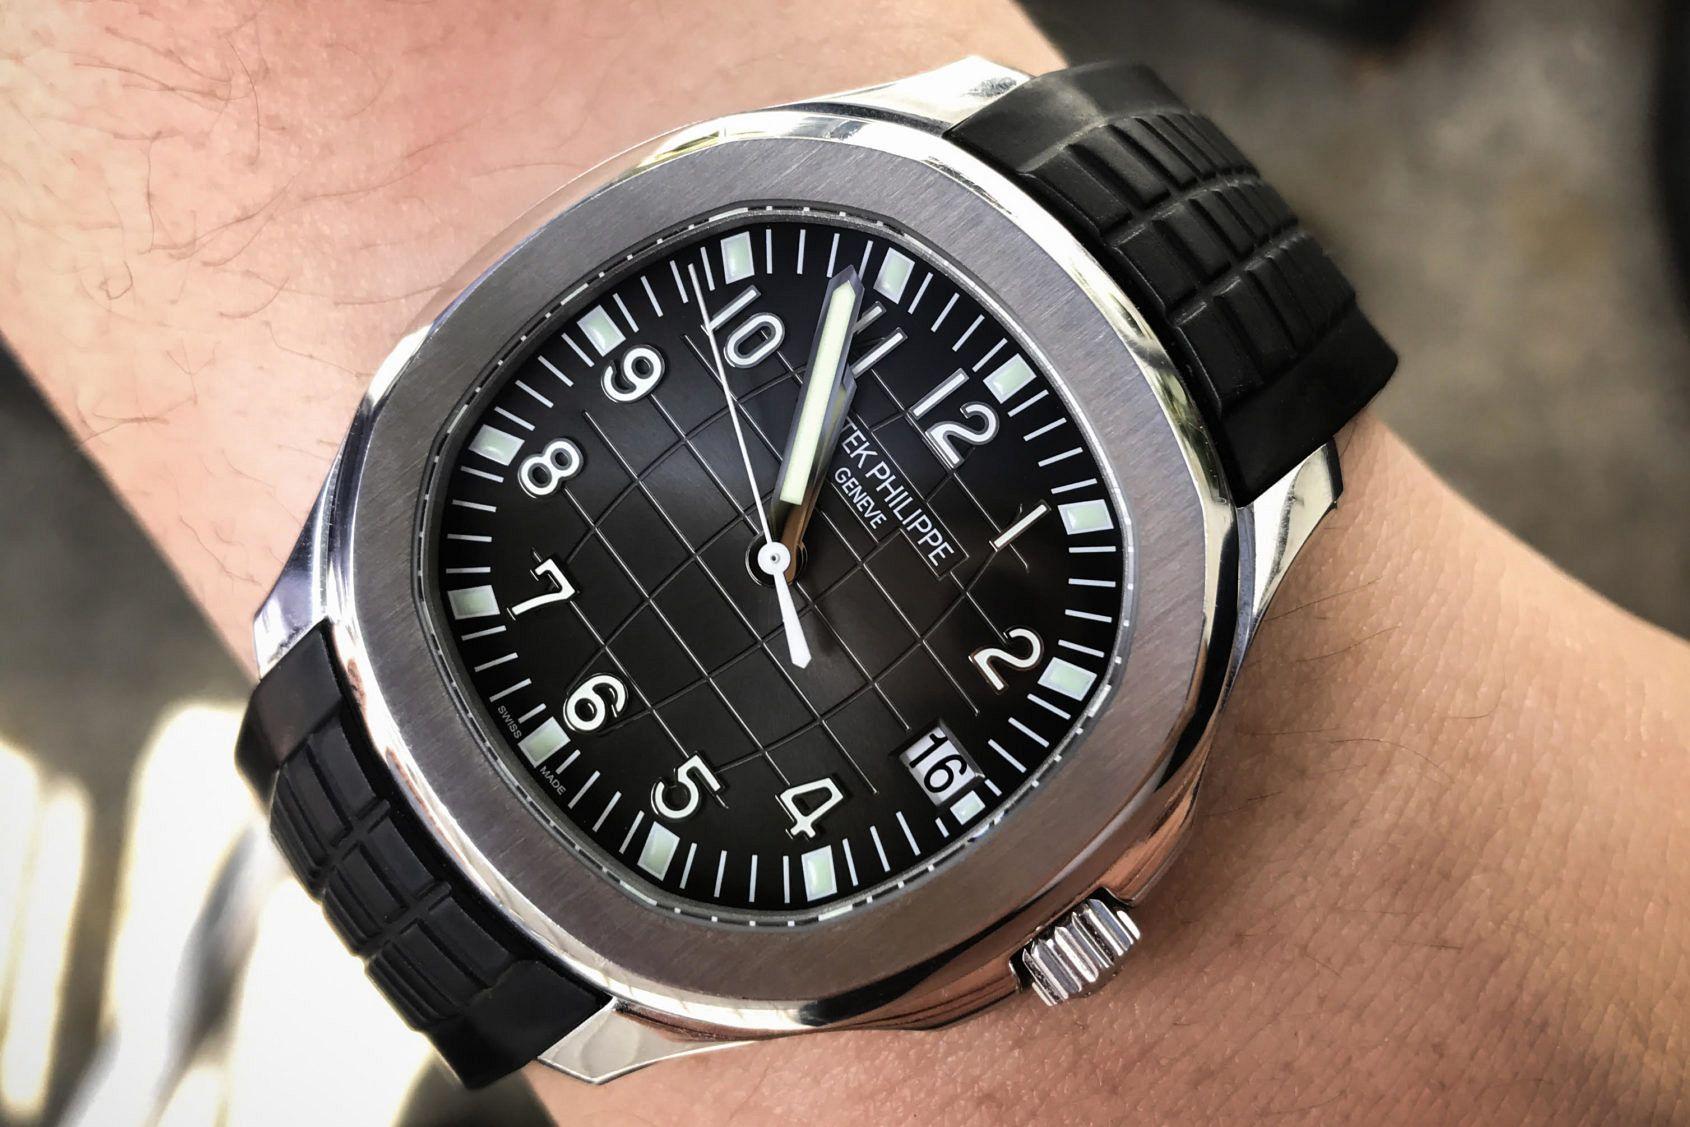 My Patek Philippe Aquanaut David S Watch Story